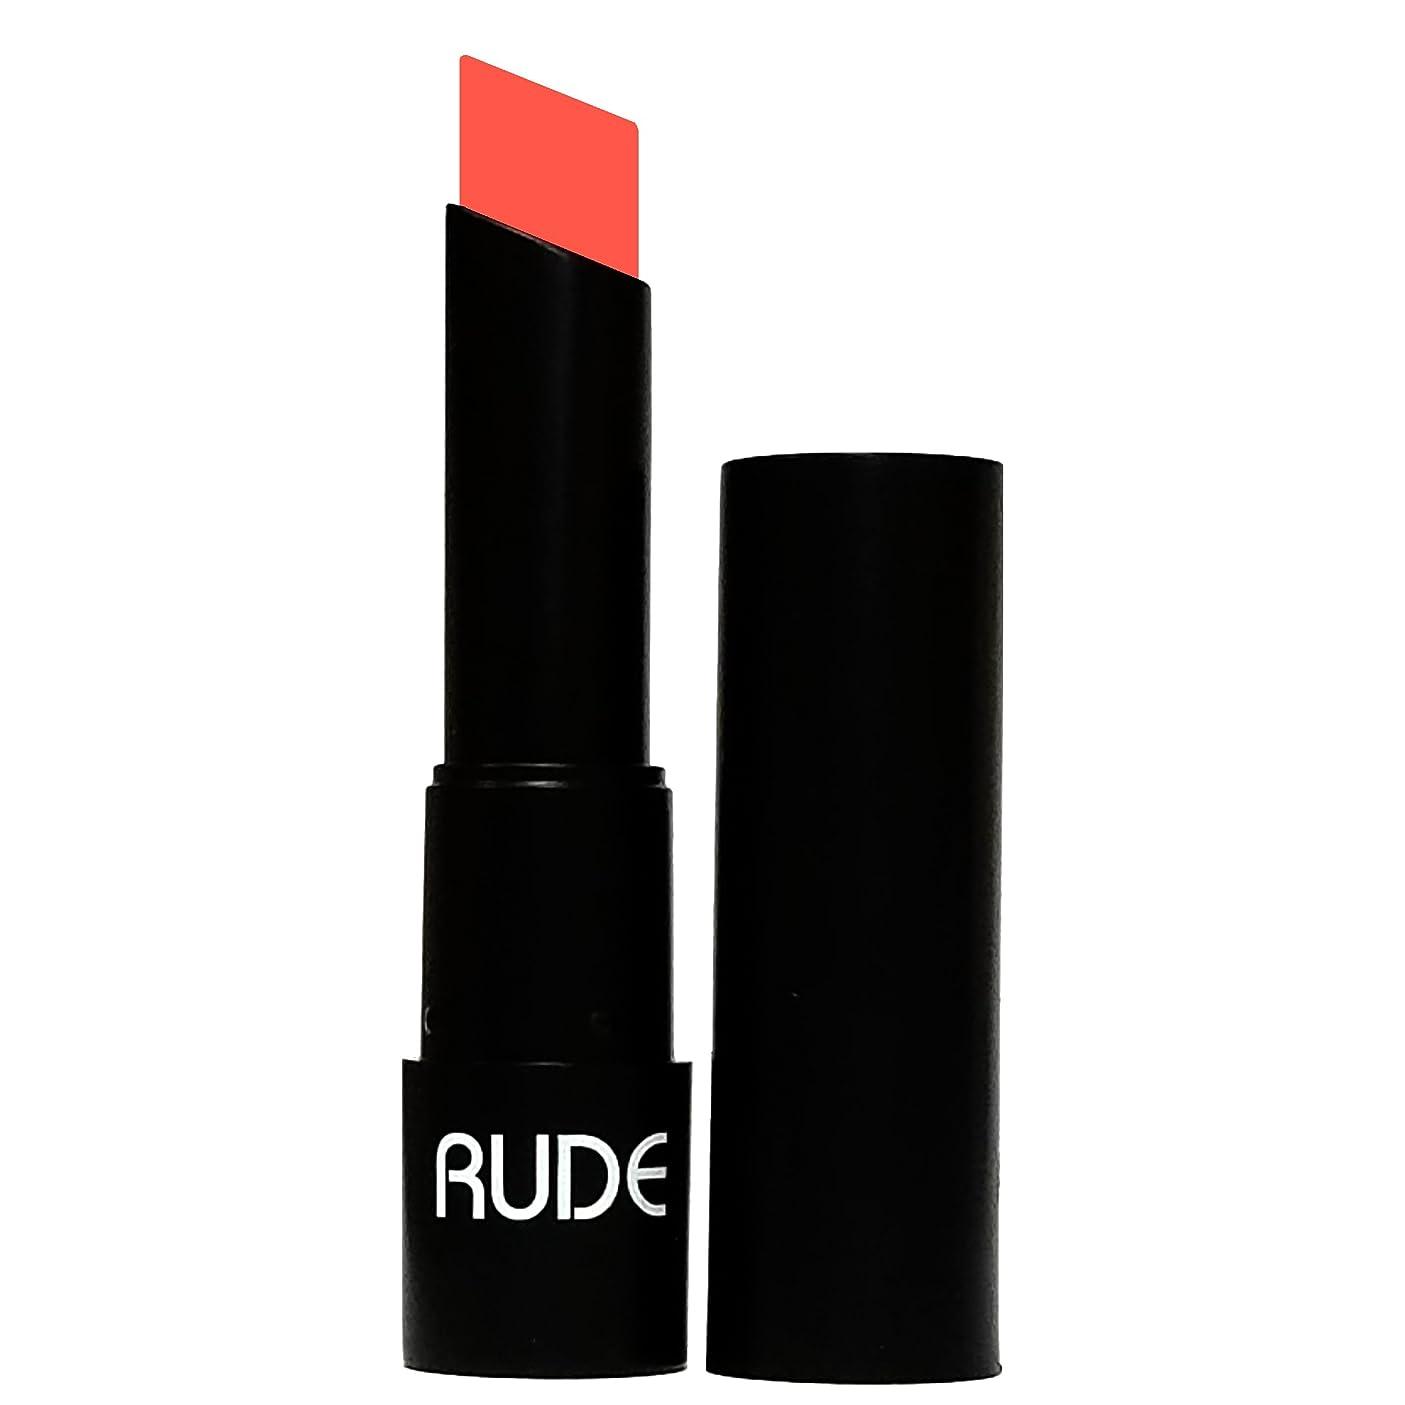 献身注ぎます統合する(3 Pack) RUDE Attitude Matte Lipstick - Tumultuous (並行輸入品)